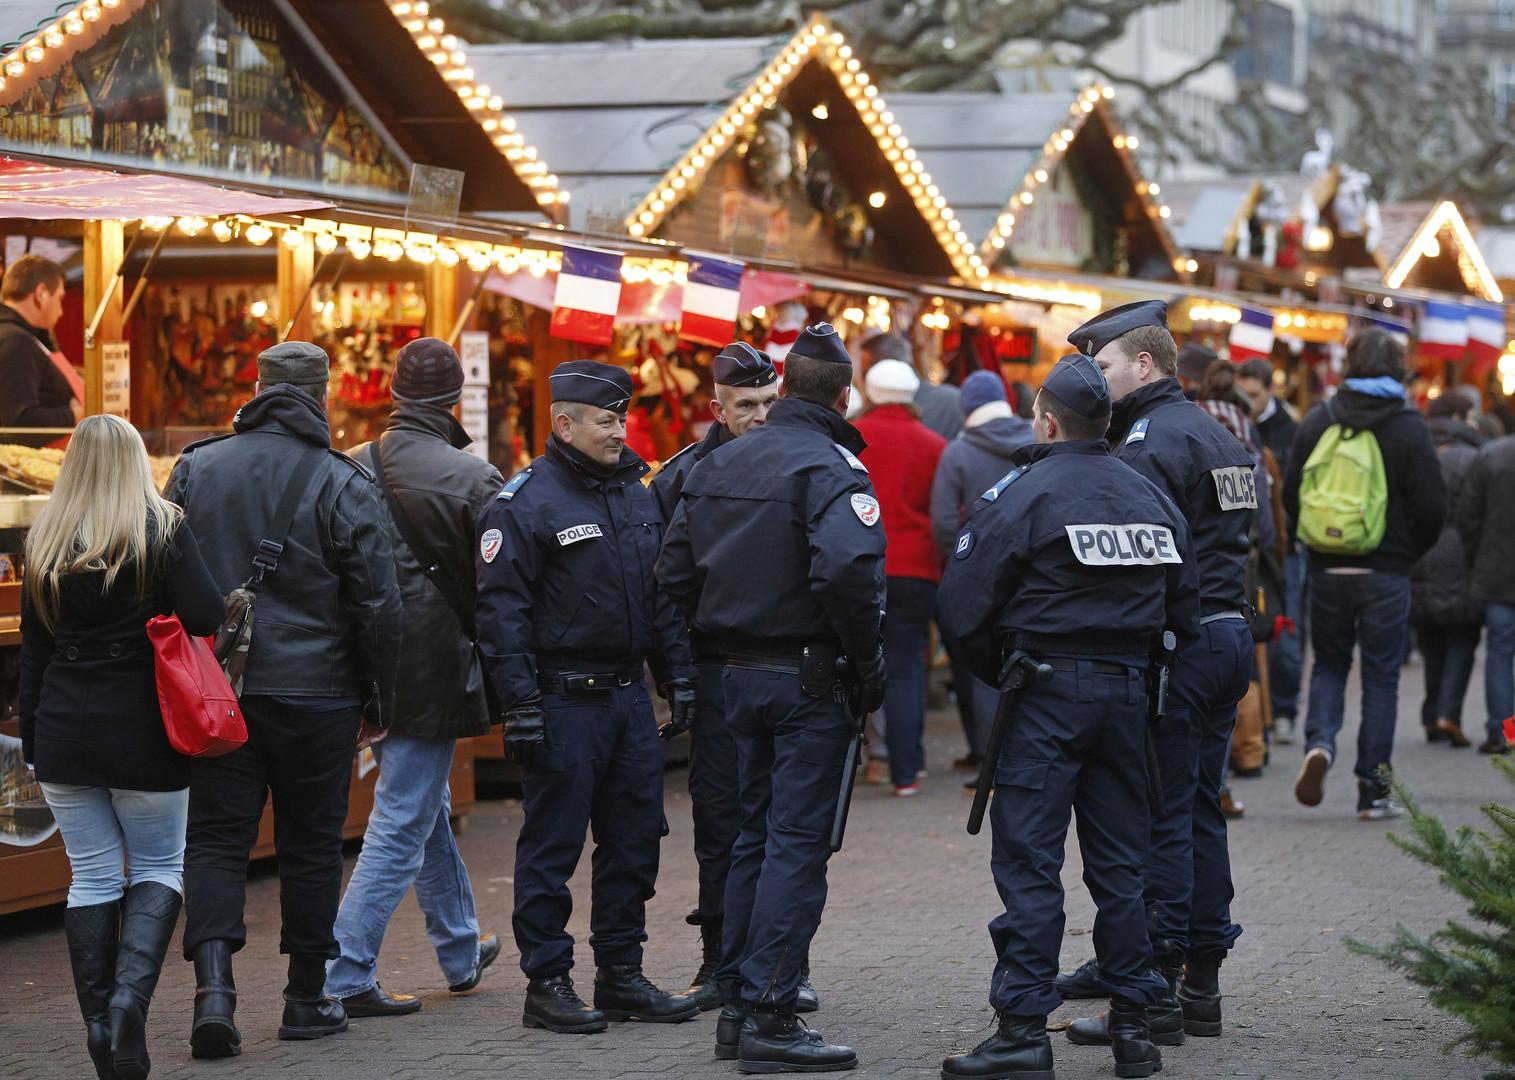 Toute l'Europe touchée par un ralentissement de l'activité après les attentats de Paris